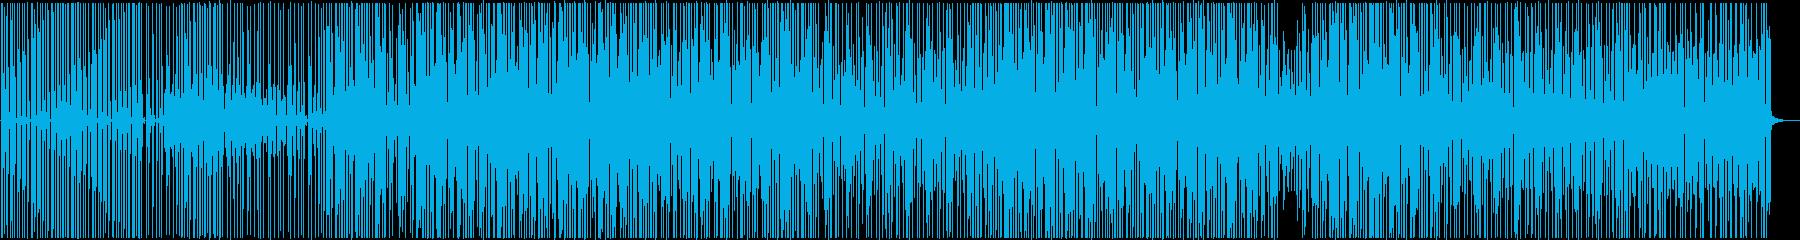 明るめ_レゲェなビート_ほのぼの_ダブの再生済みの波形